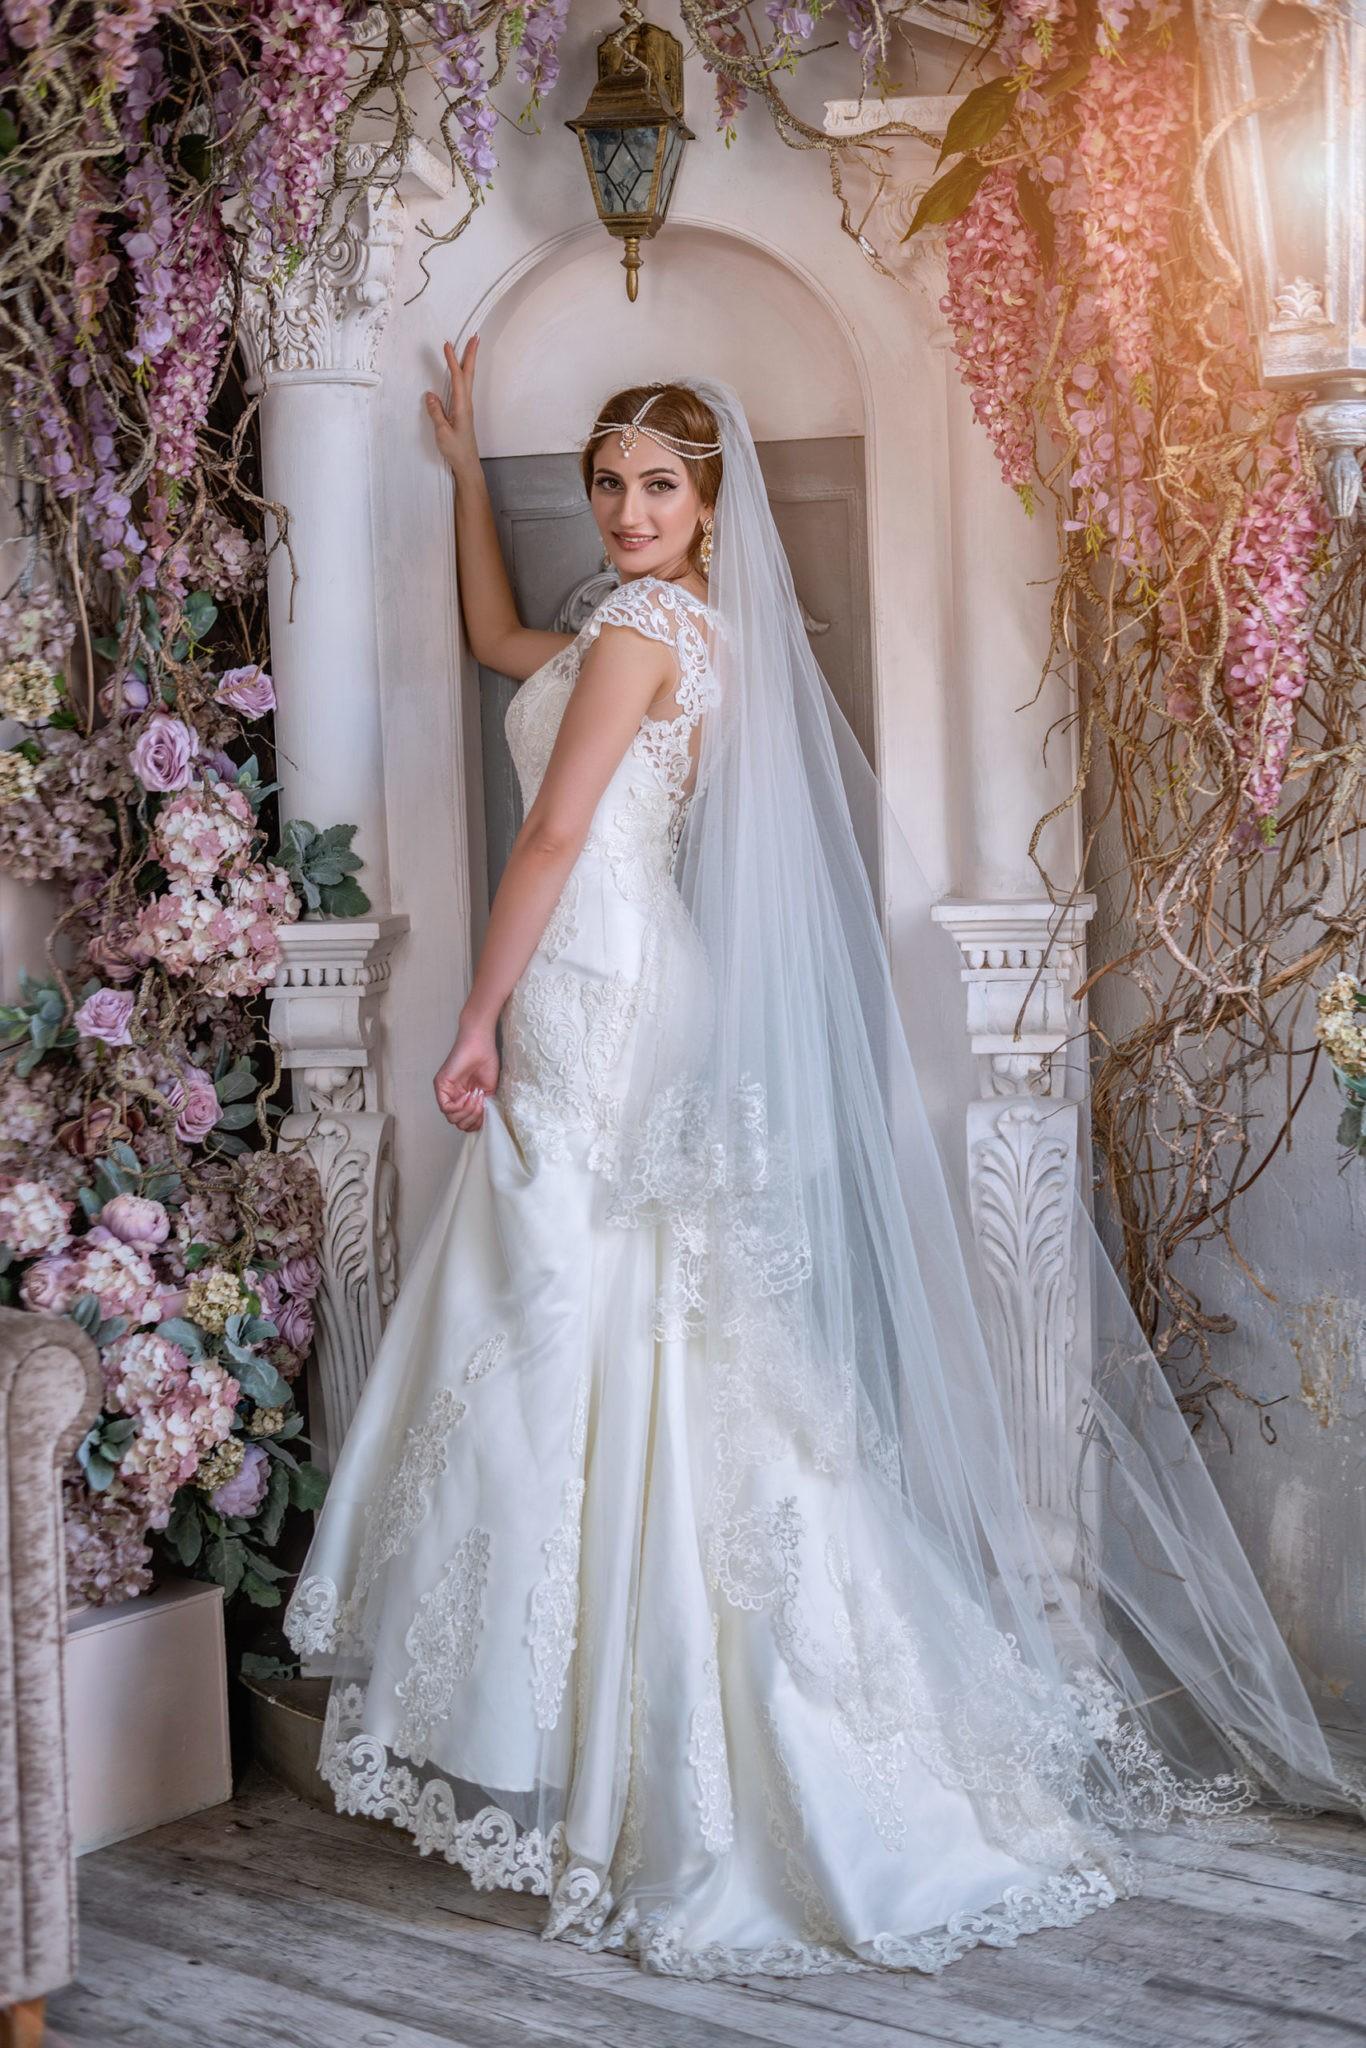 Свадебная фотосъемка от свадебного фотографа в интерьерной студии Мансарда г. Краснодар: невеста ростовой художественный  портрет